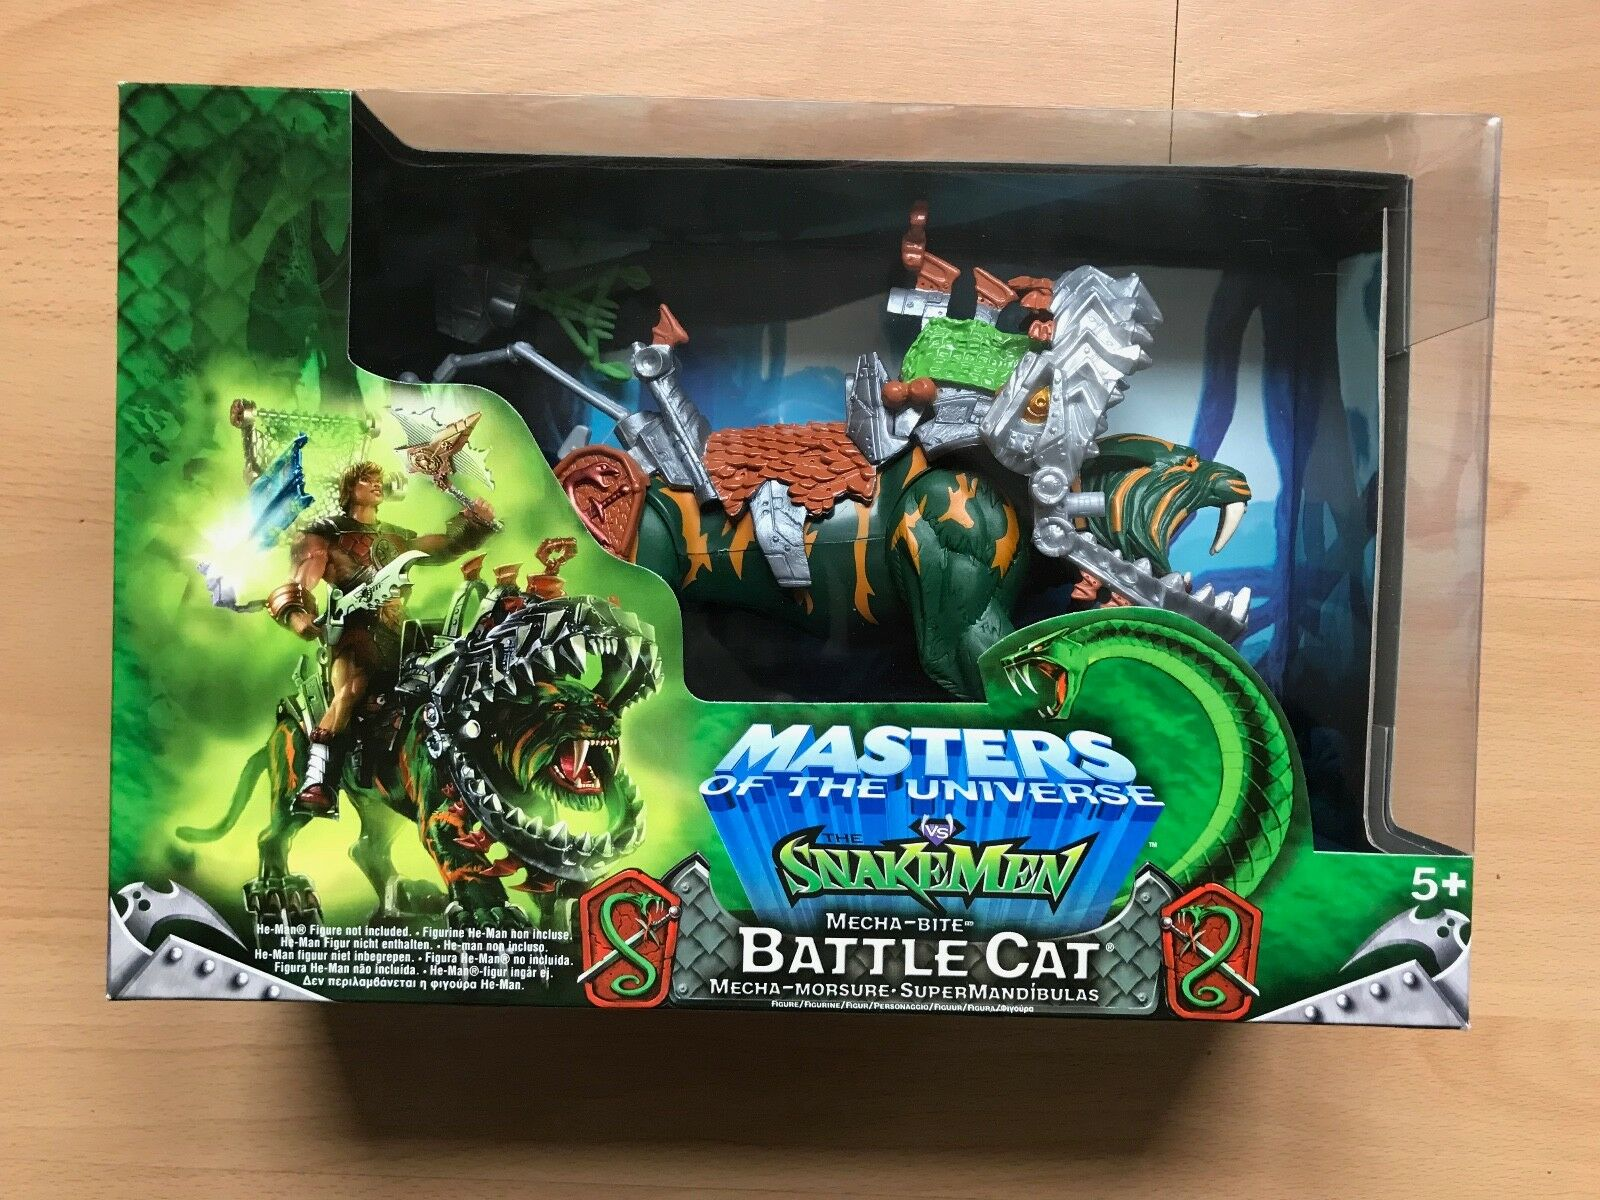 Masters of The Universe MOTU vs The Snakemen - Mecha-Bite Battle Cat Figur